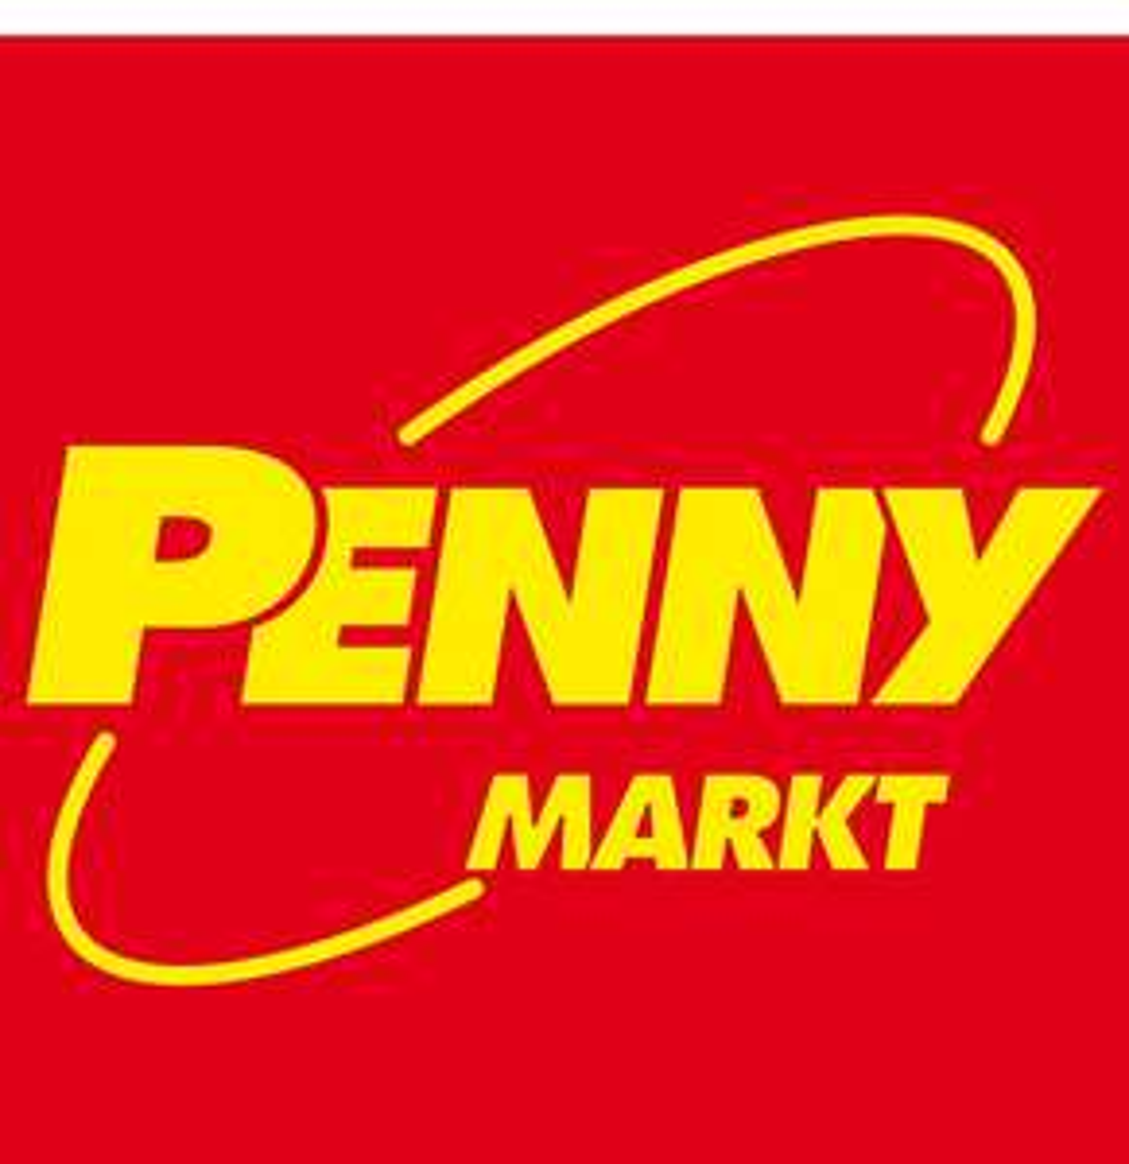 [Penny] -50% auf Weihnachts Deko, Baumschmuck und Kinderspielware